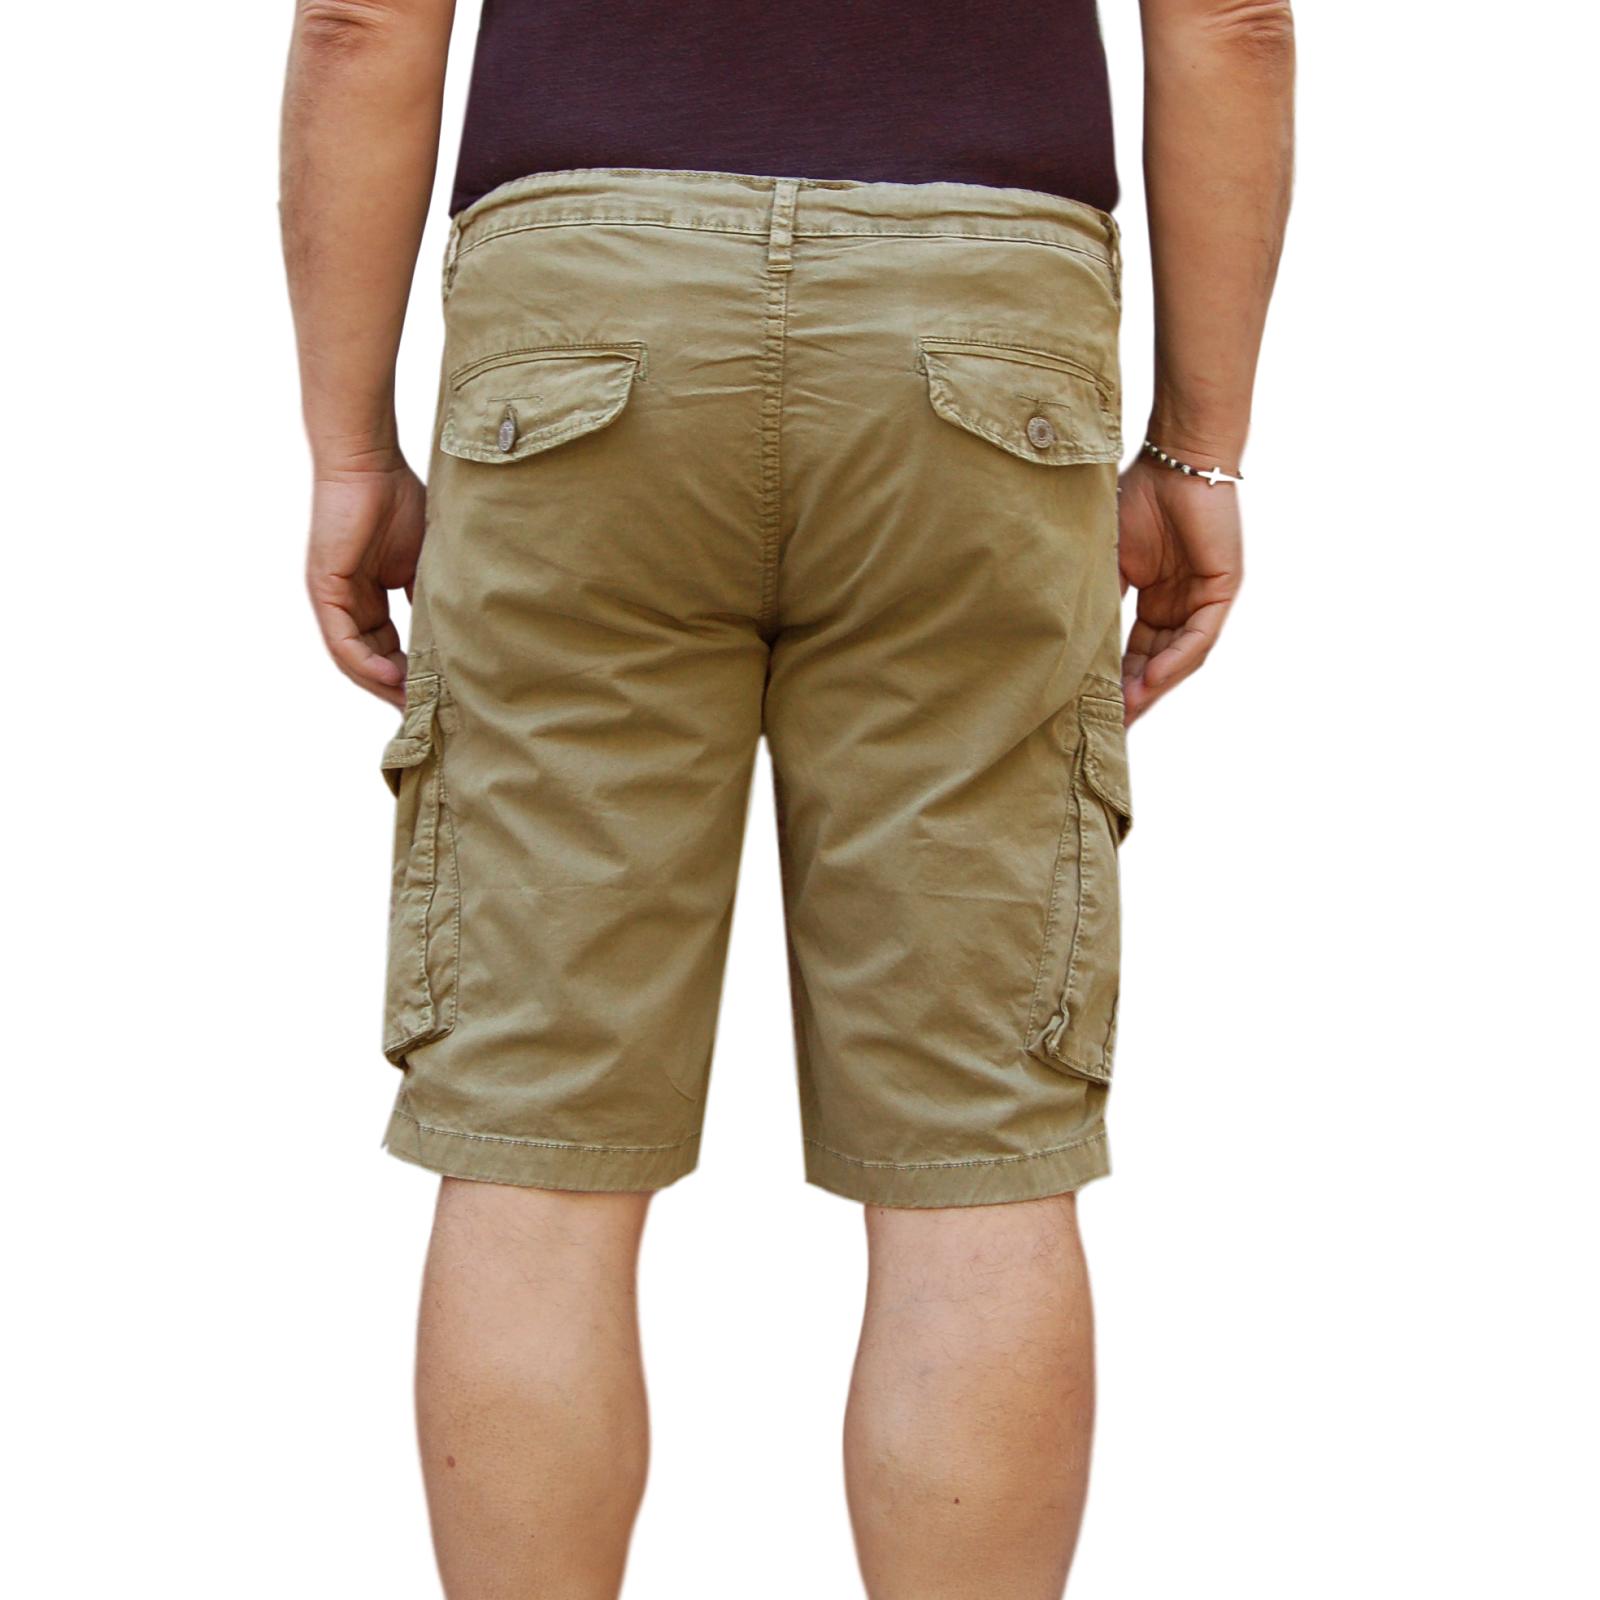 Bermuda-Uomo-Cargo-Pantalone-corto-Cotone-Tasconi-Laterali-Shorts-Casual-Nero miniatura 21